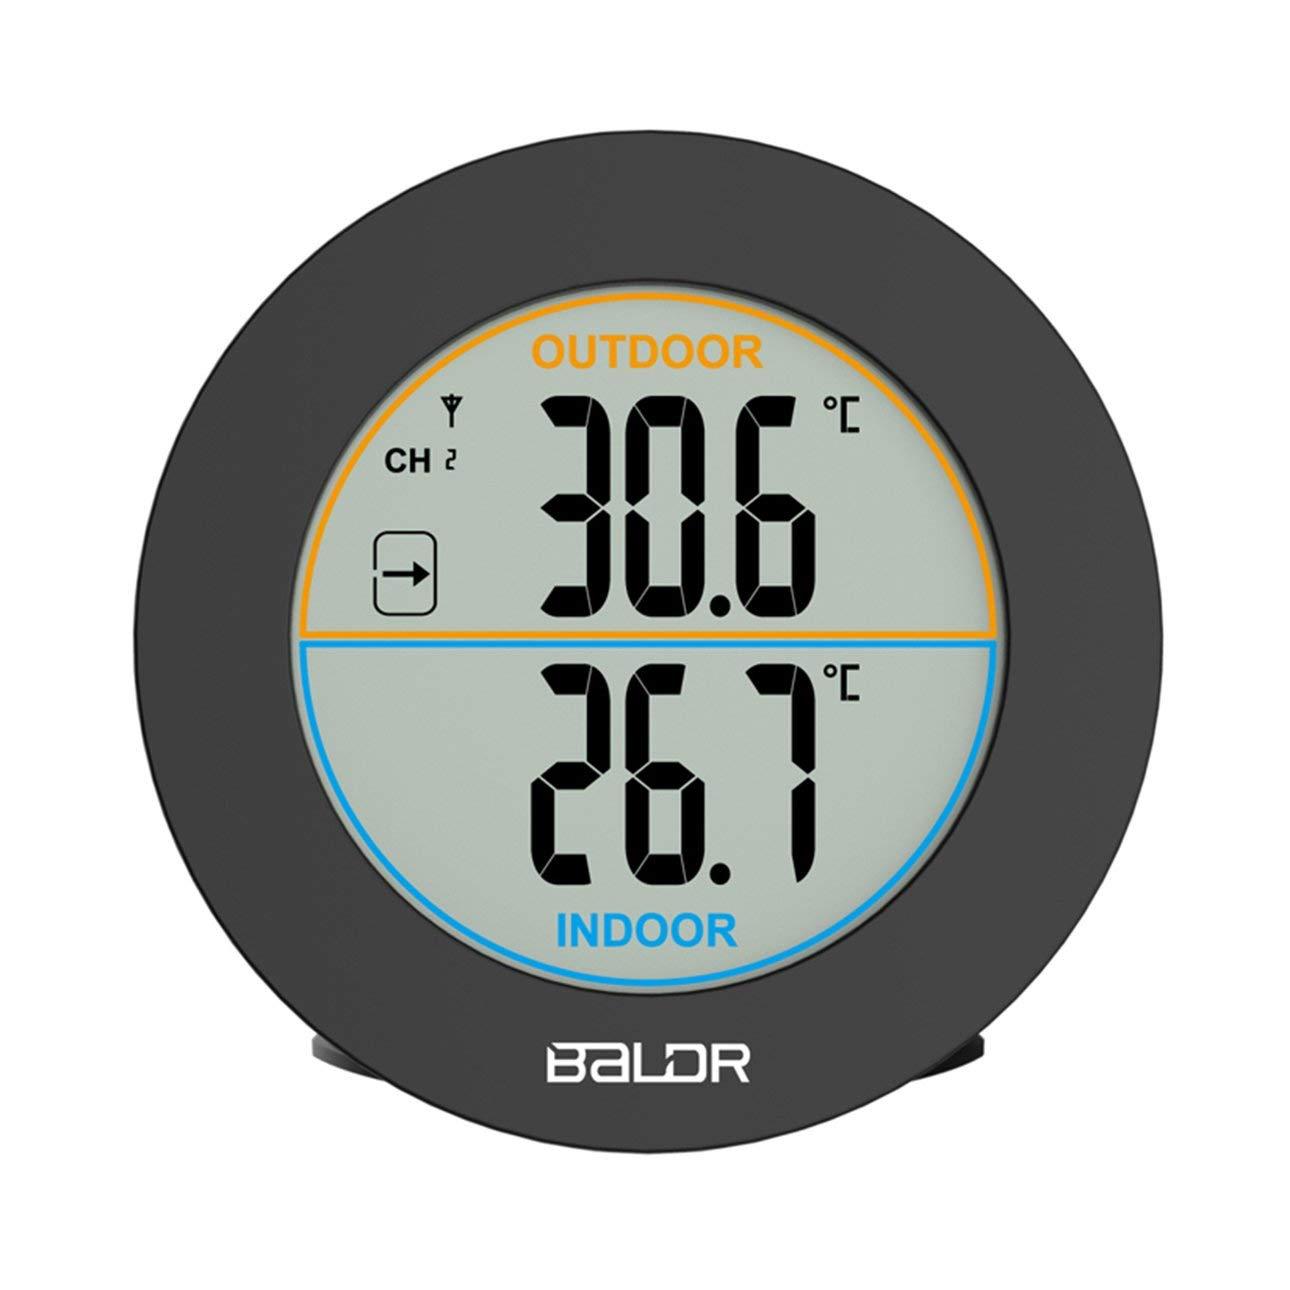 Pudincoco Baldr Forme Ronde Thermom/ètre sans Fil Table Int/érieur Ext/érieur Affichage LCD Affichage Num/érique Mur Temp/érature Capteur B0127T2